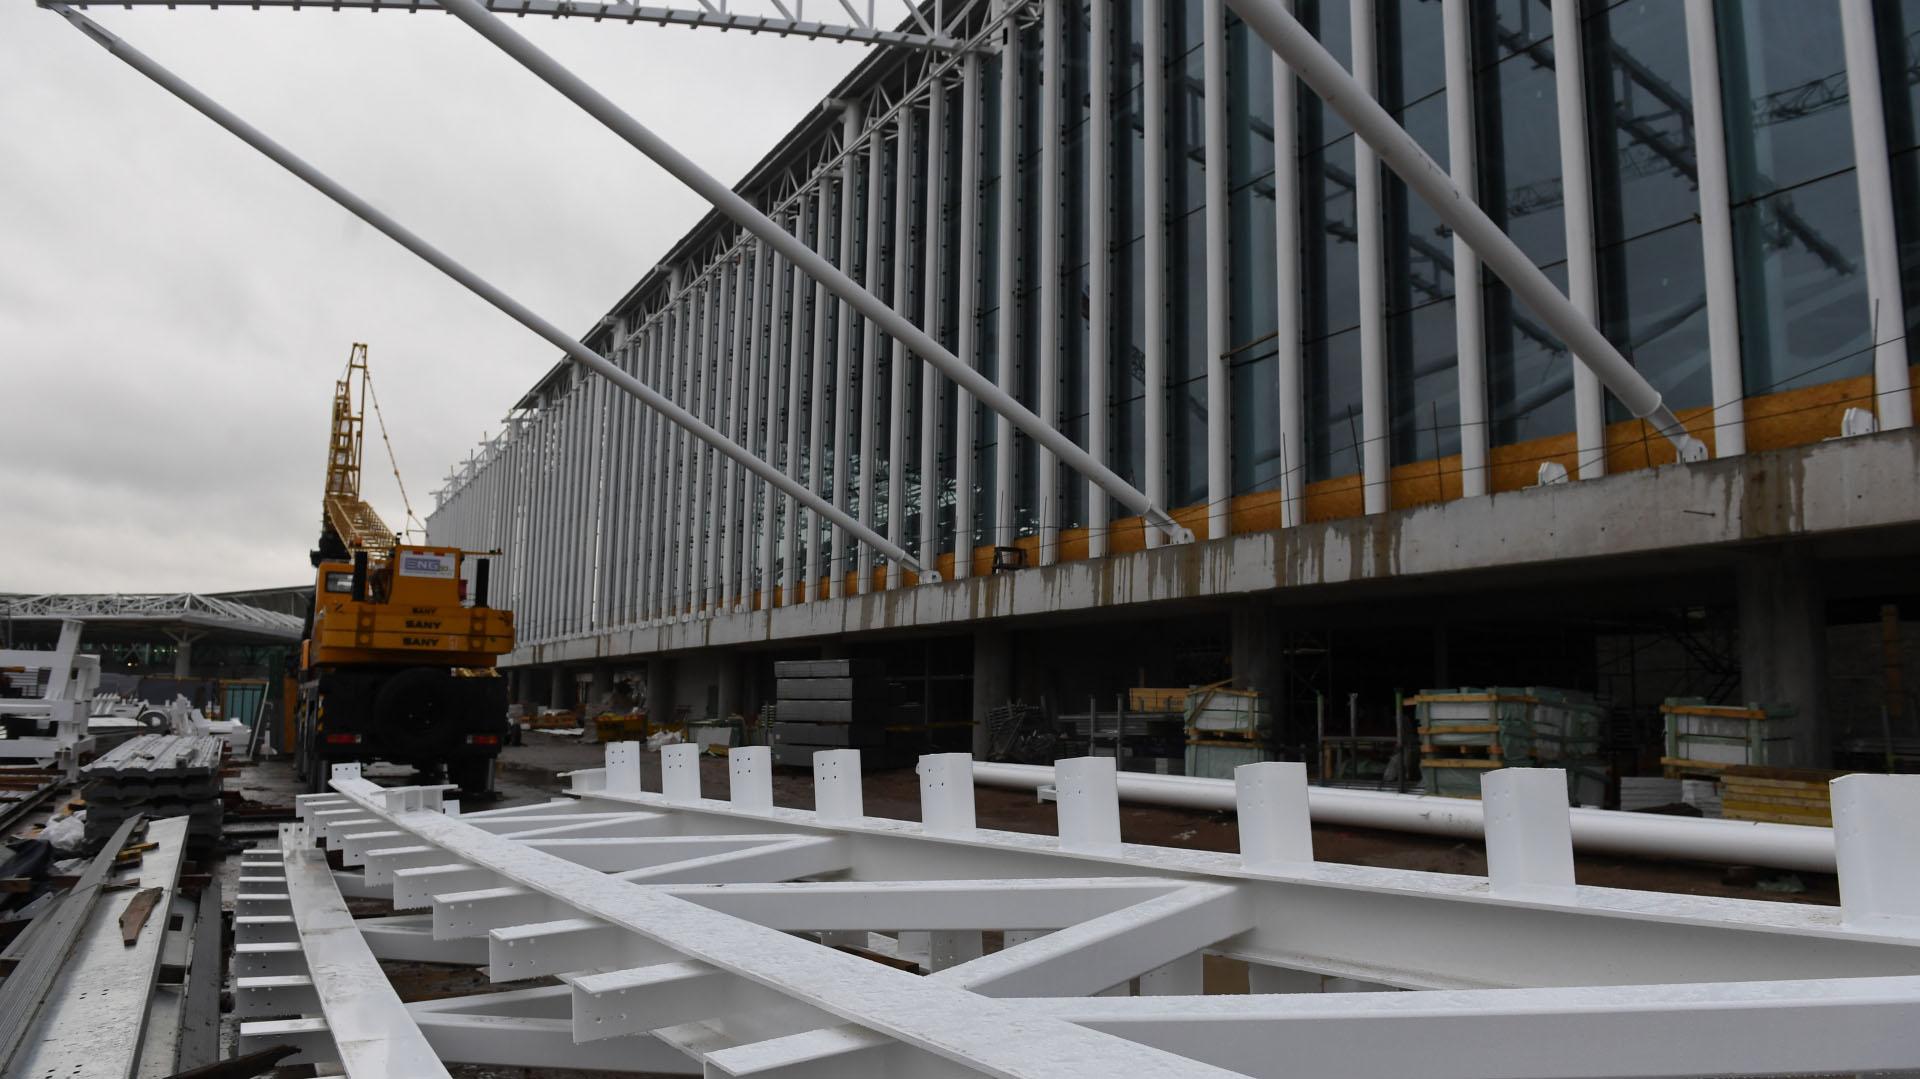 """""""Ezeiza será un aeropuerto con mayor tecnología y con mejor experiencia para los pasajeros del mundo. A mí particularmente me emociona el crecimiento"""", dijo Guillermo Dietrich, Ministro de Transporte de la Nación en un nuevo acto de relevamiento de las obras"""